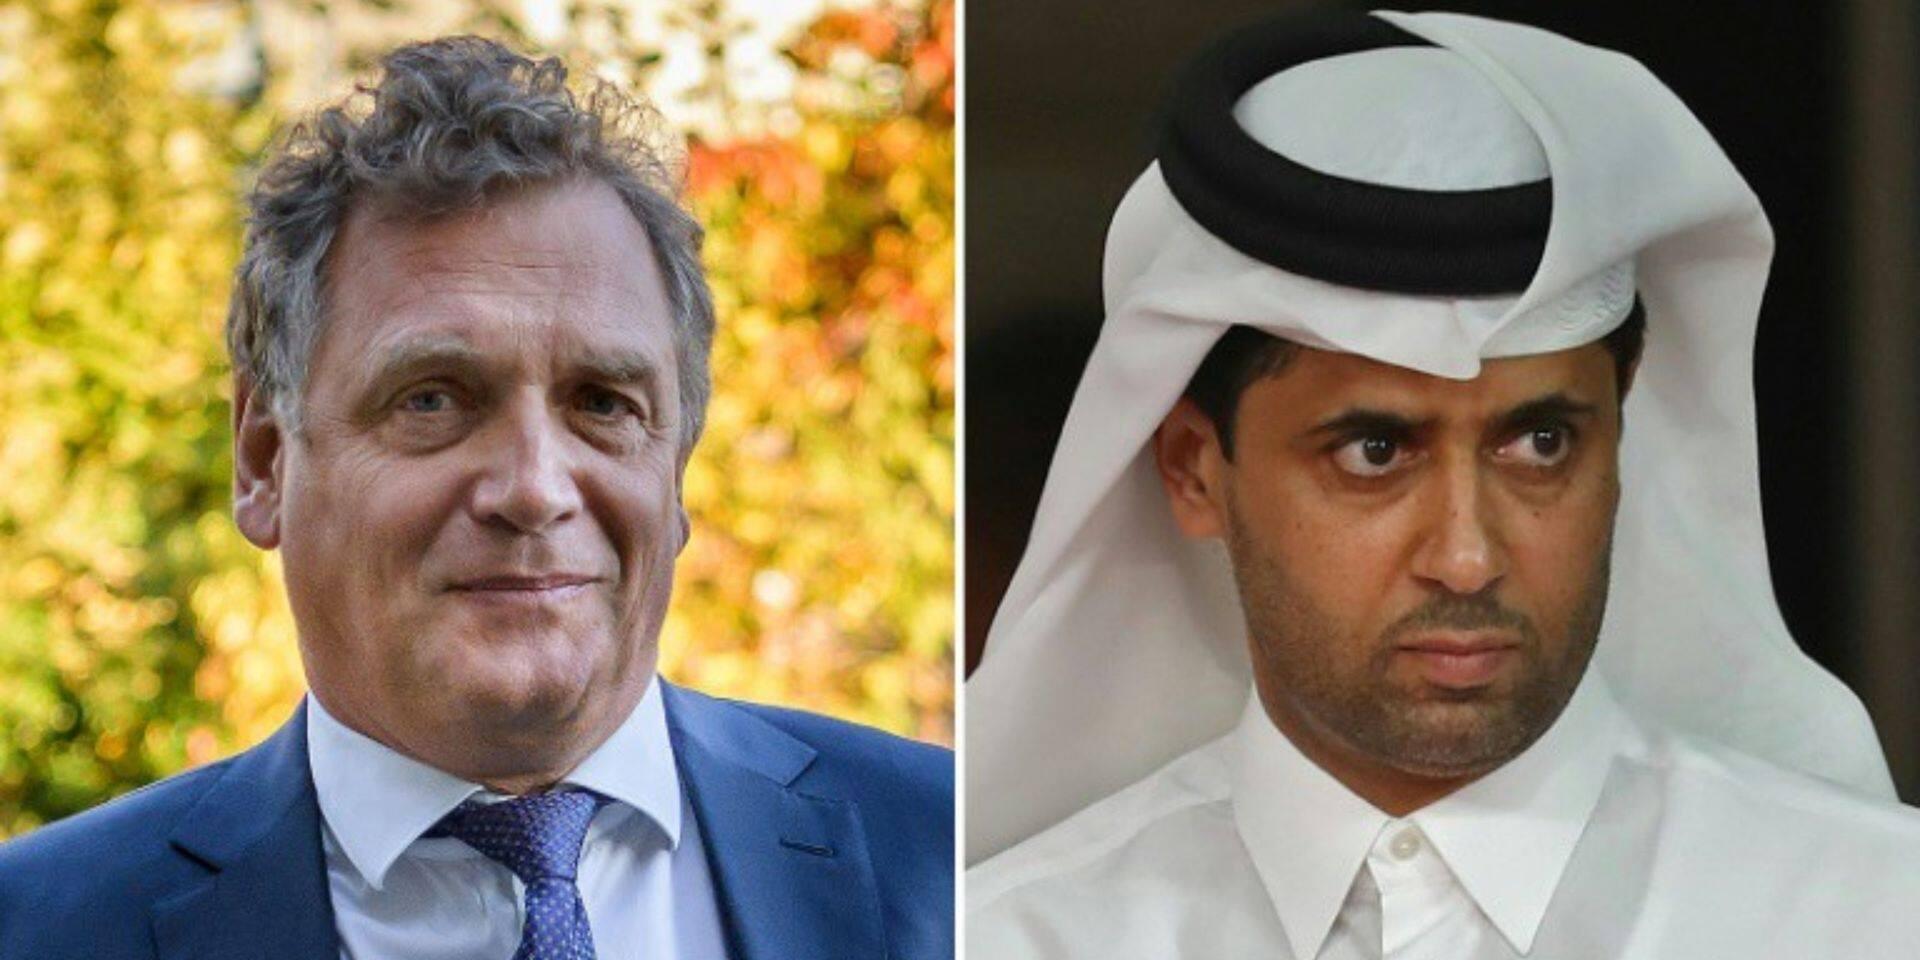 Corruption à la FIFA pour le Mondial 2022 au Qatar: amende avec sursis pour Jérôme Valcke, le président du PSG Nasser Al-Khelaïfi acquitté